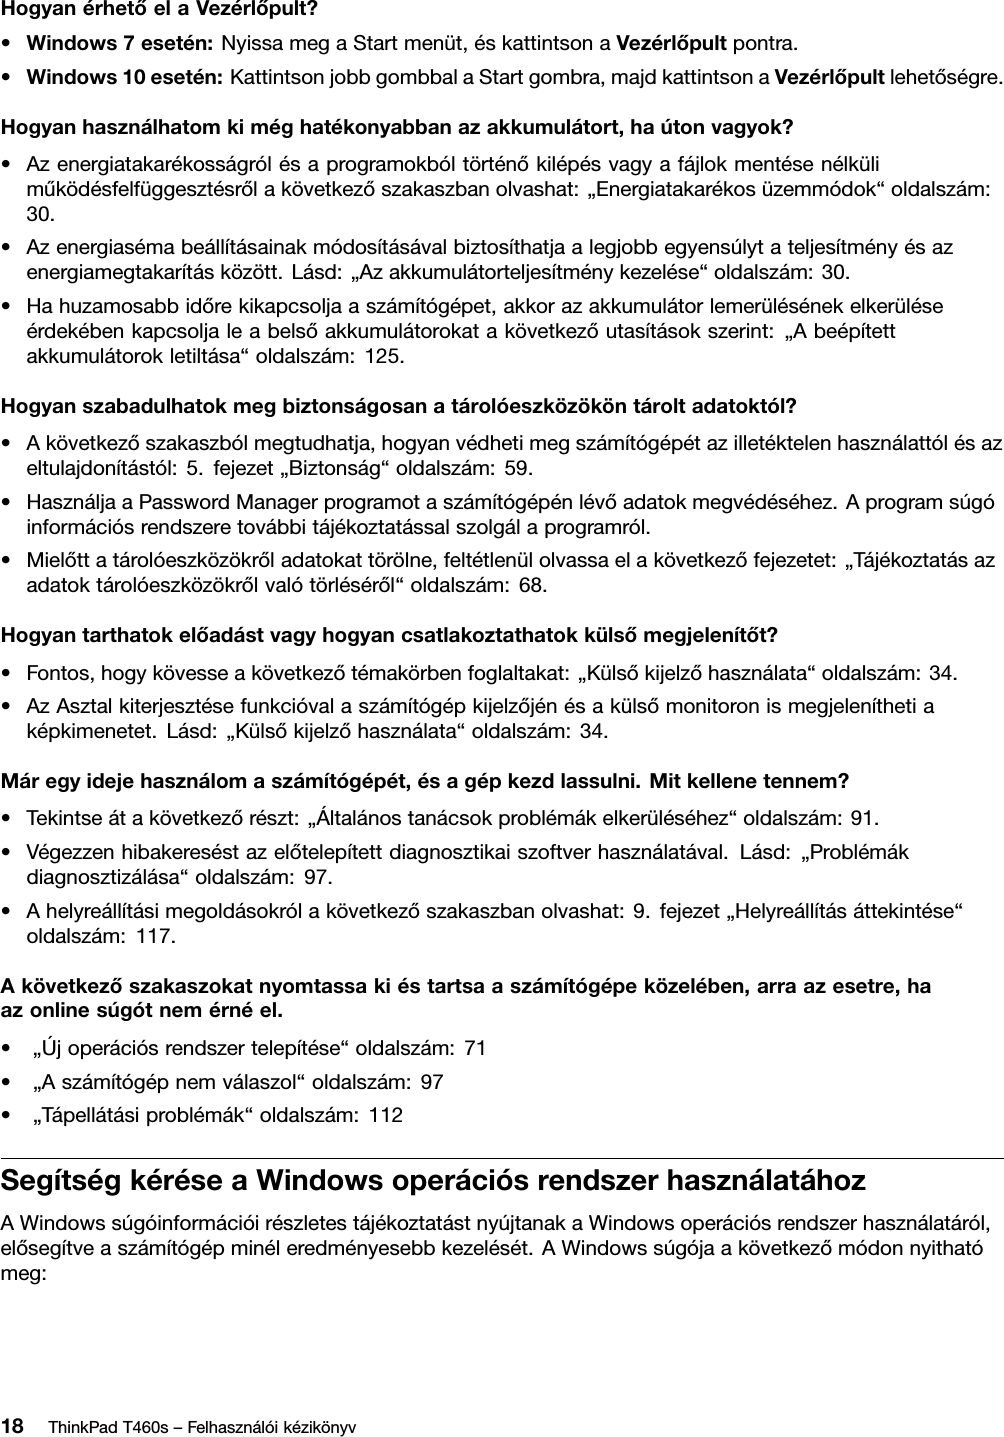 látás-helyreállítási kézikönyv)